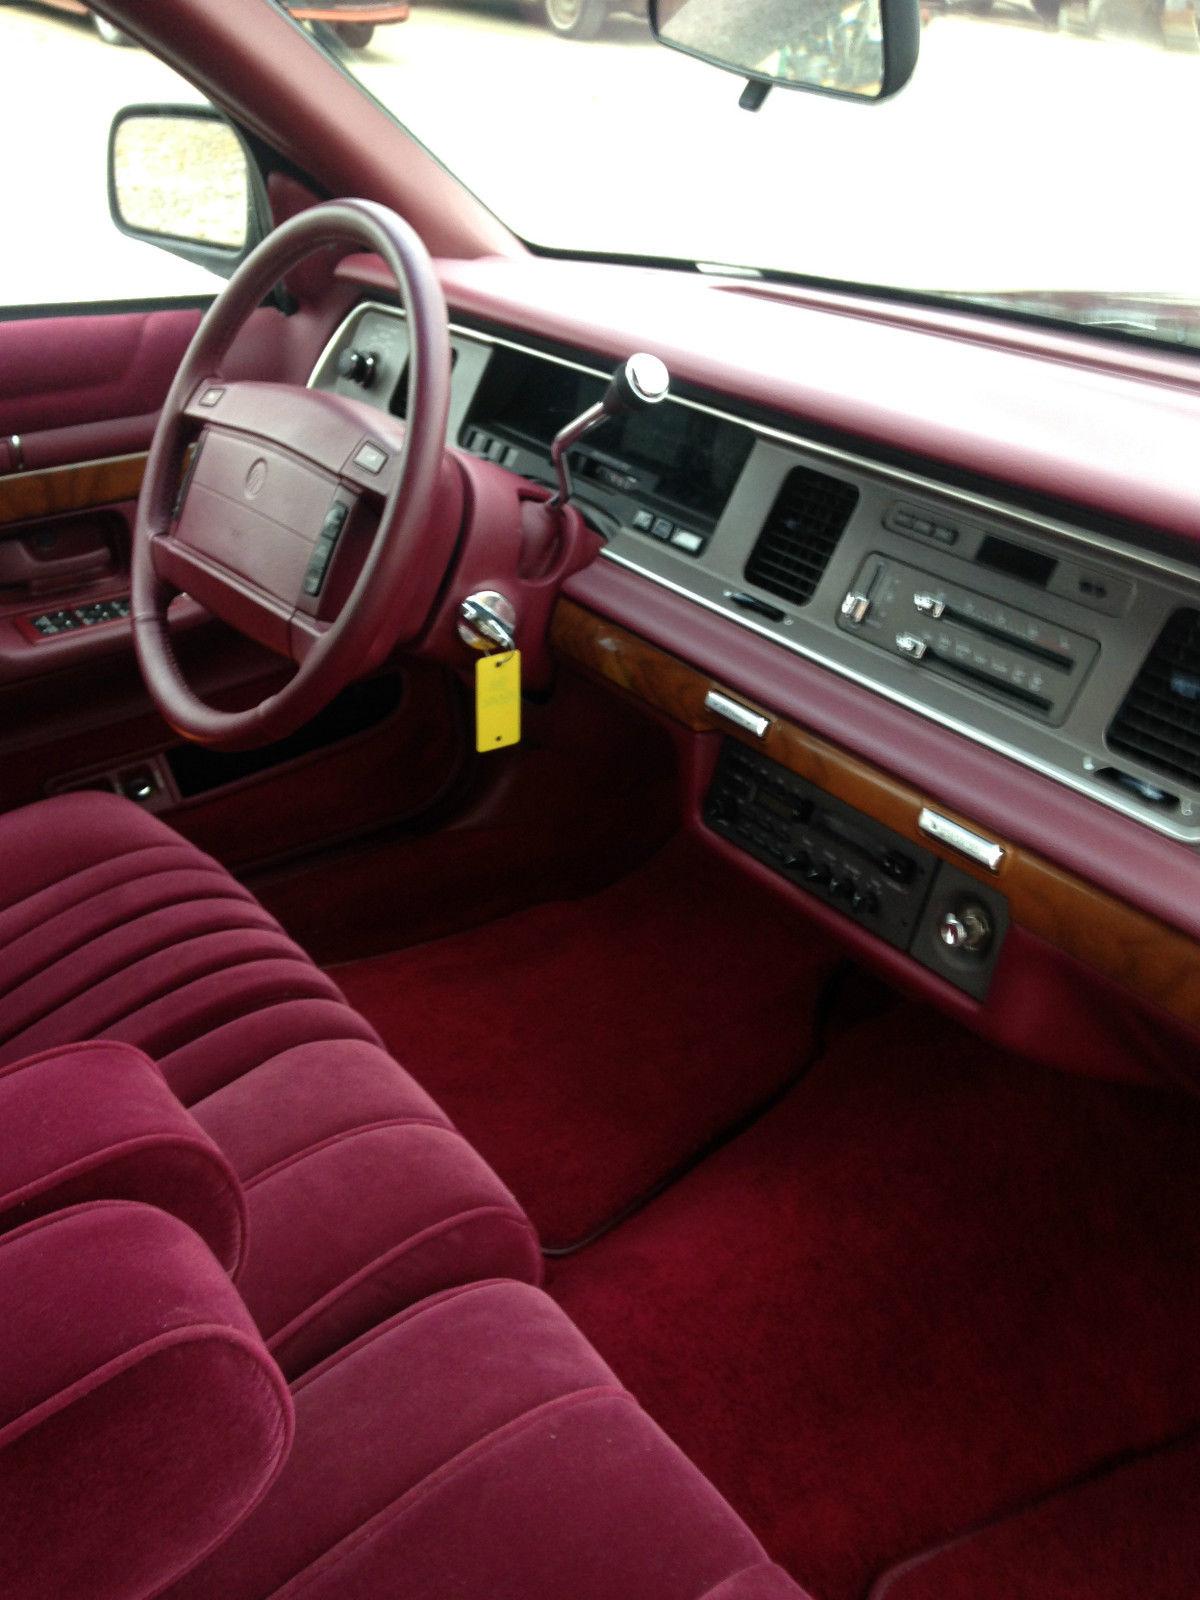 1992 mercury grand marquis ls sedan 4 door 4 6l rare low miles 1 595 miles